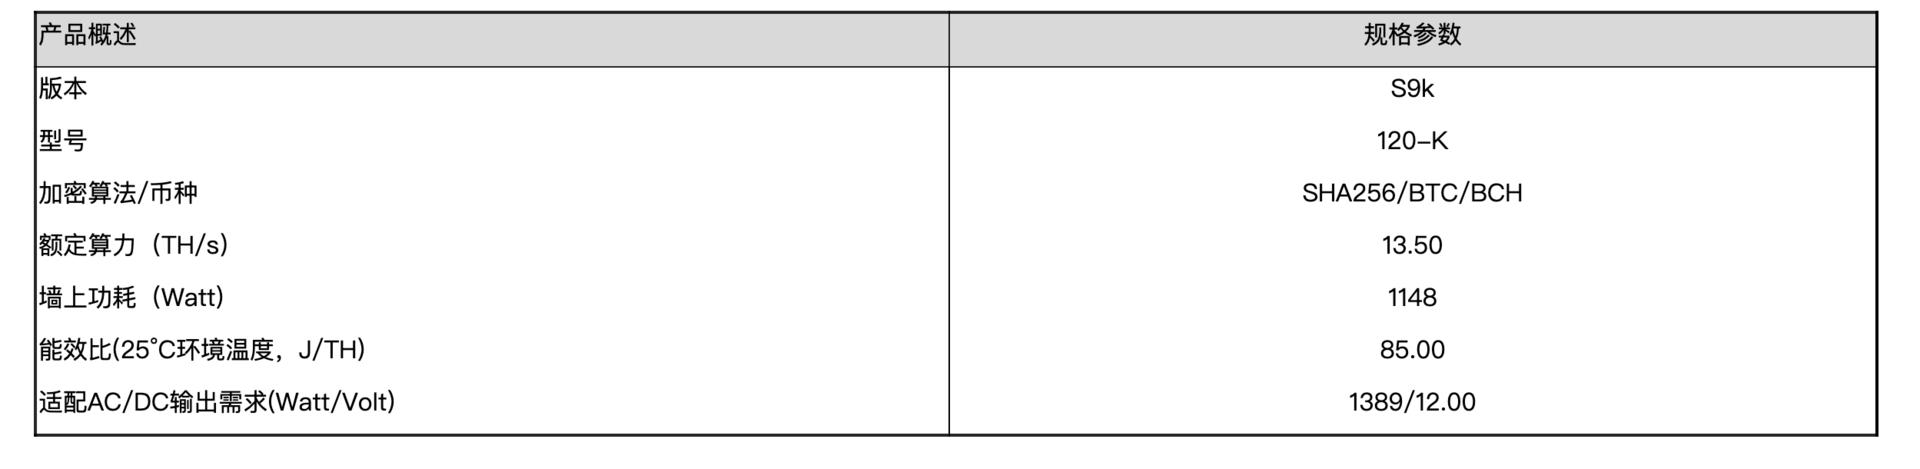 灰度如何认知以太经典?白露矿业报告 (20.07.05)